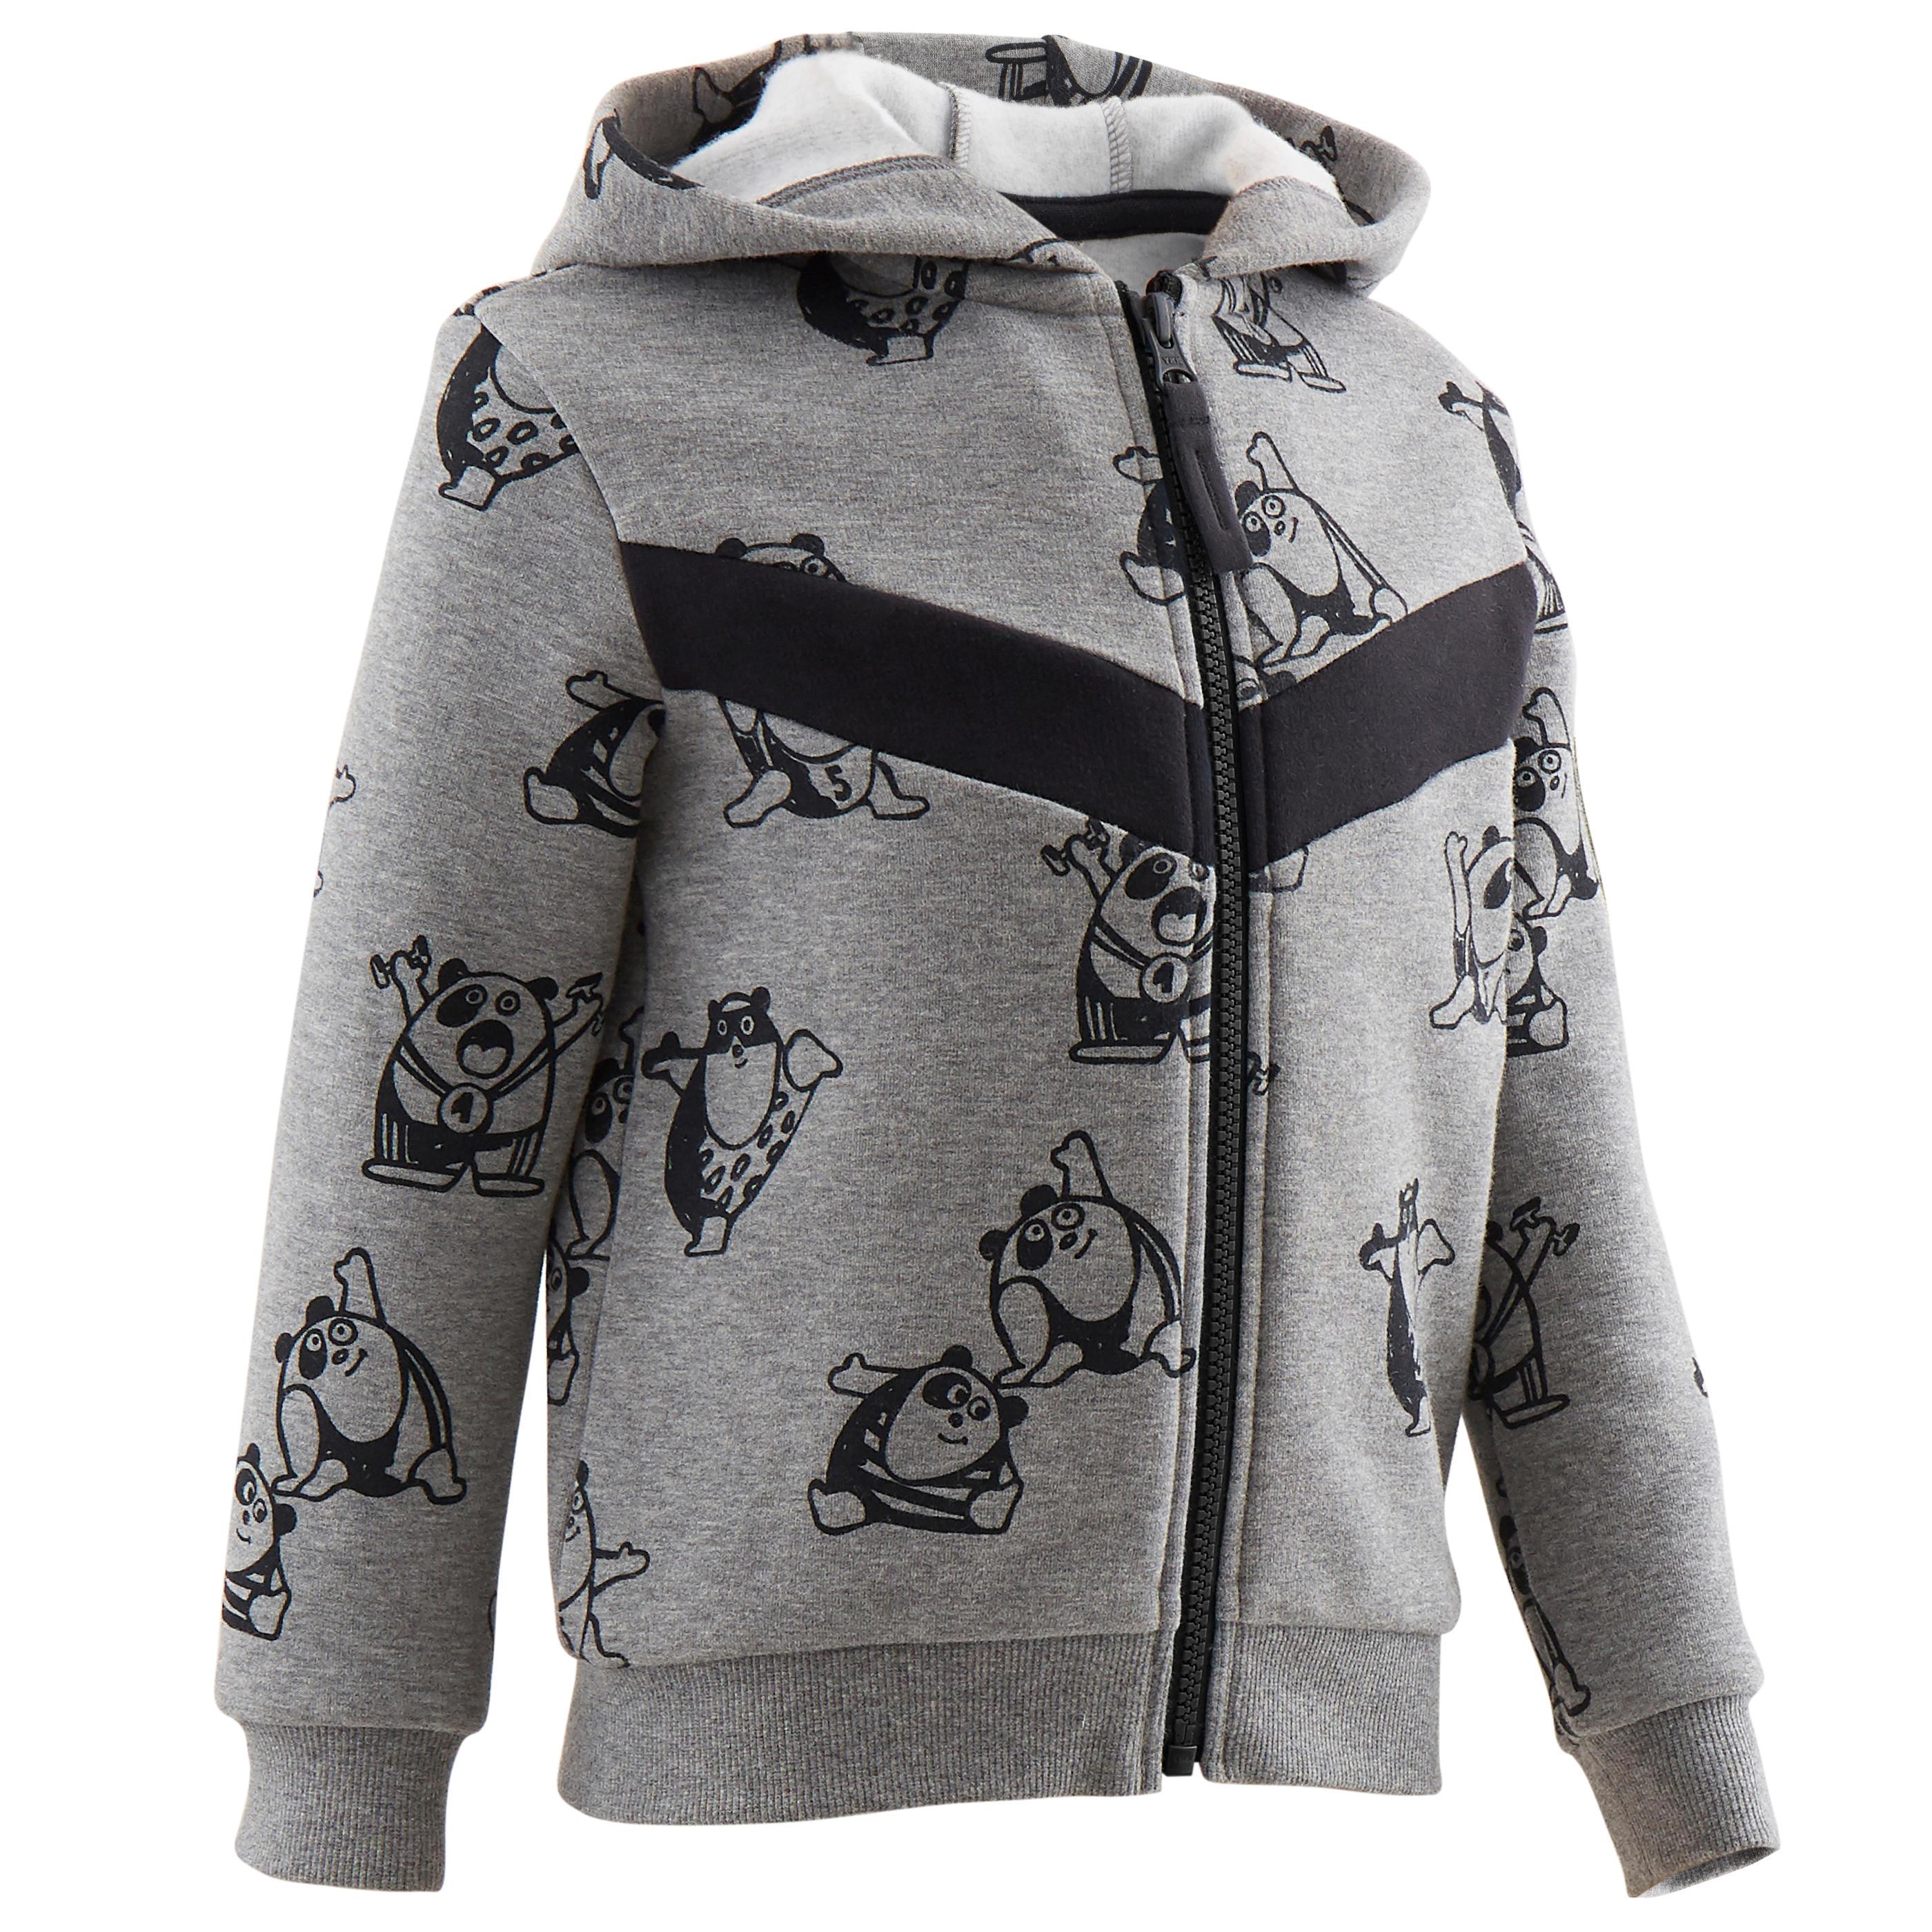 Jachetă călduroasă 120 copii la Reducere poza